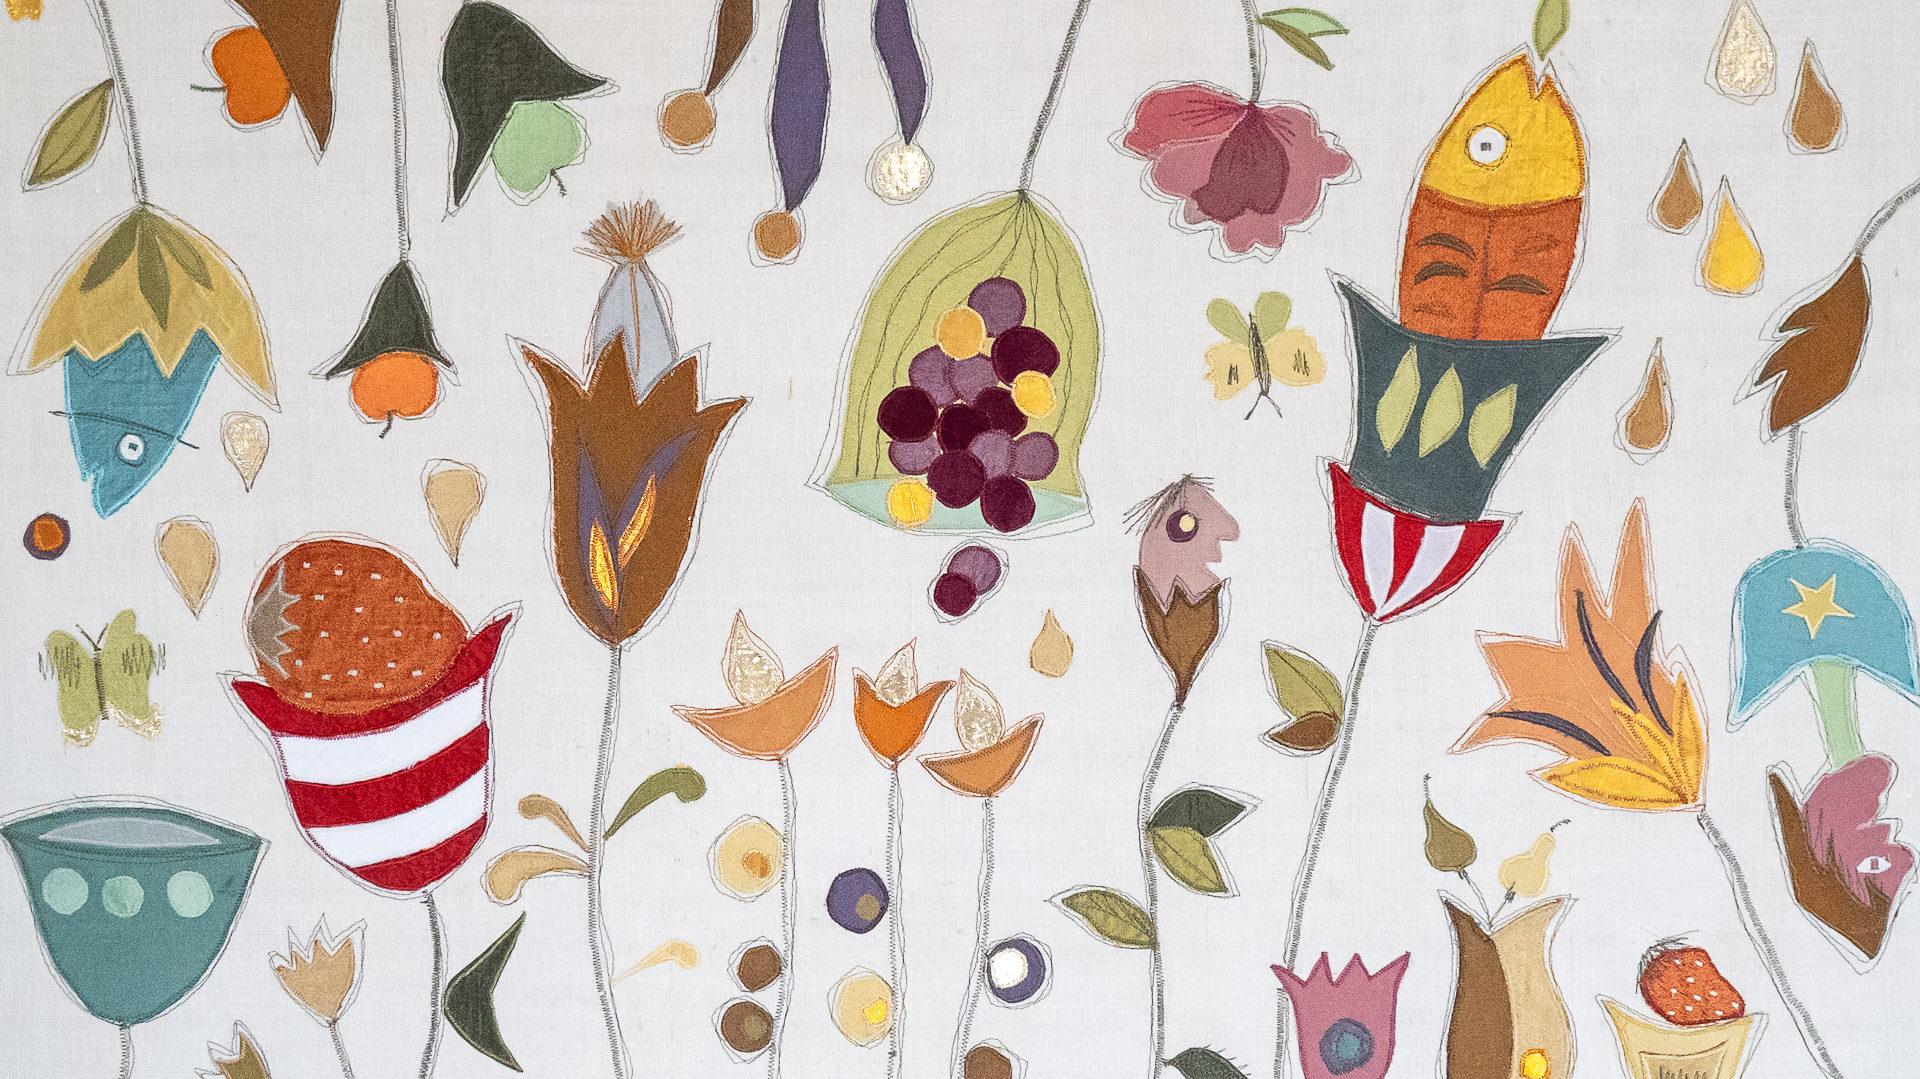 Stoffart Gertraud Neuhaus – textile Kunstwerke, Gedichte und Märchen